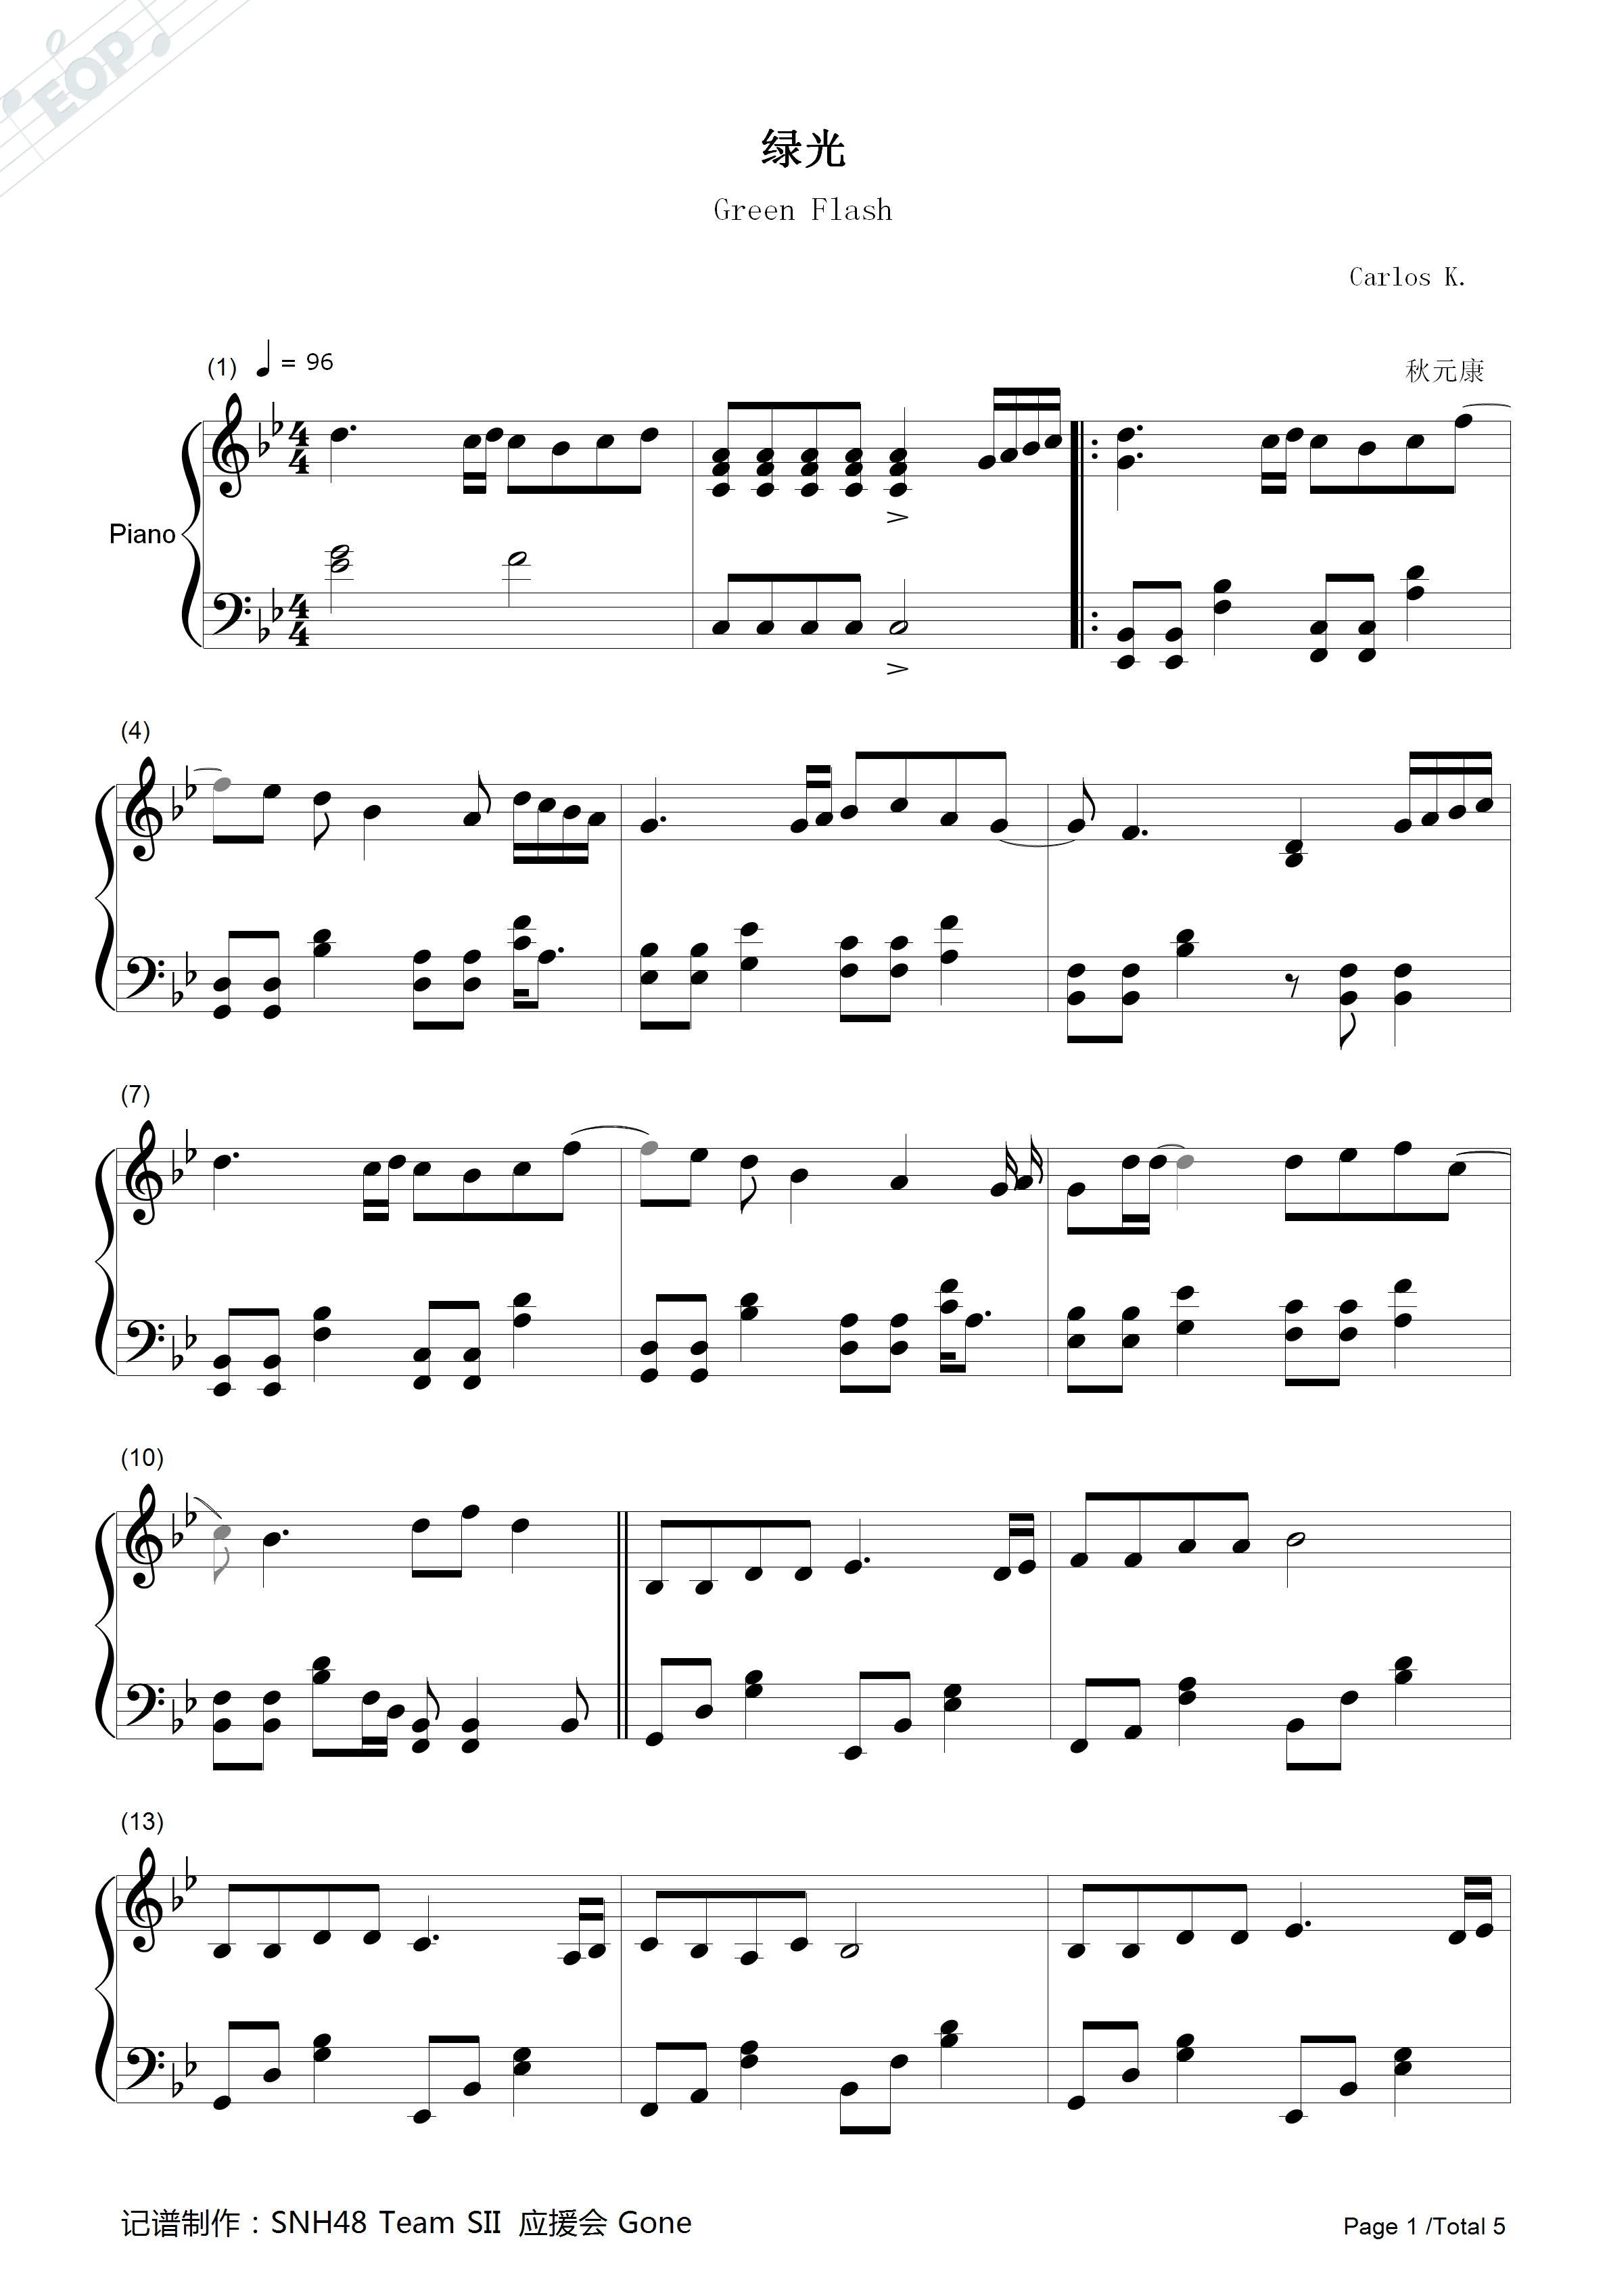 钢琴曲谱 流行 绿光-snh48 绿光-snh48五线谱预览1  }  仅供学习交流